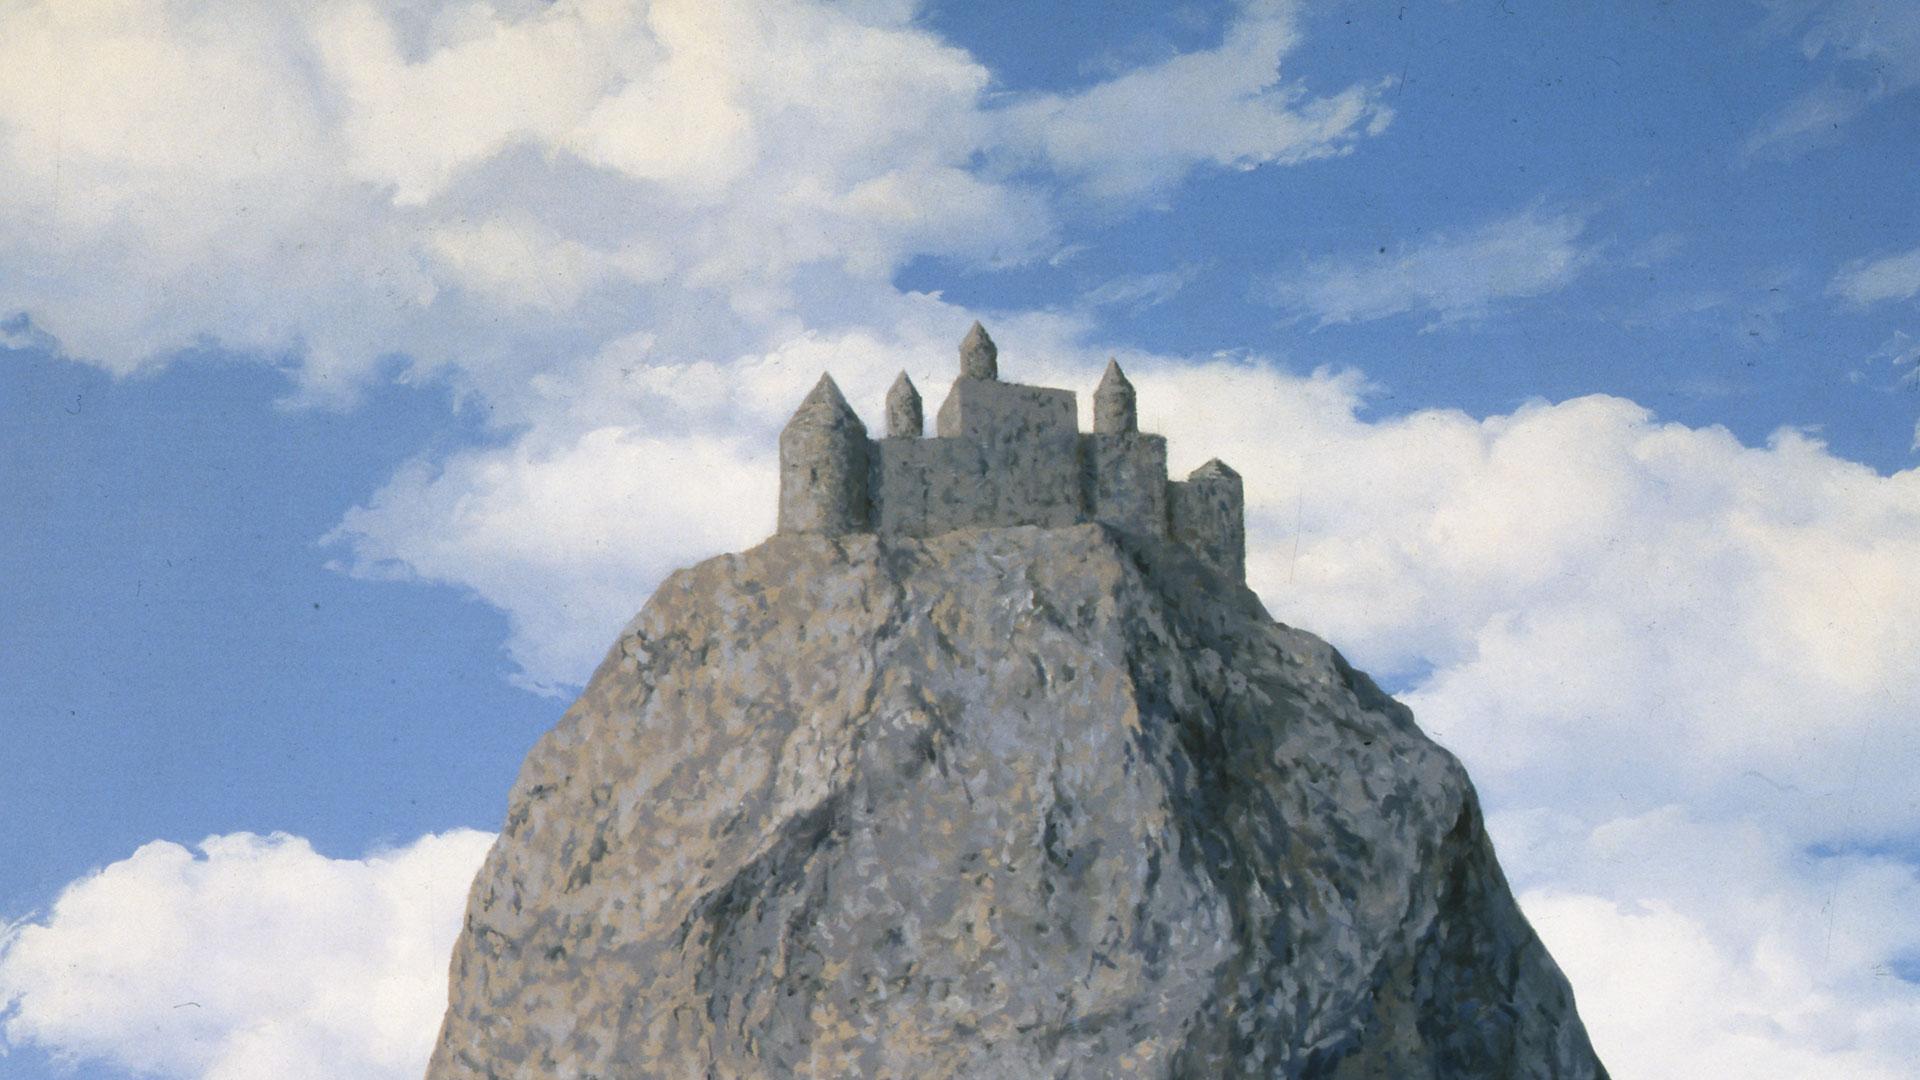 Focus Exhibition: Magritte's Castle